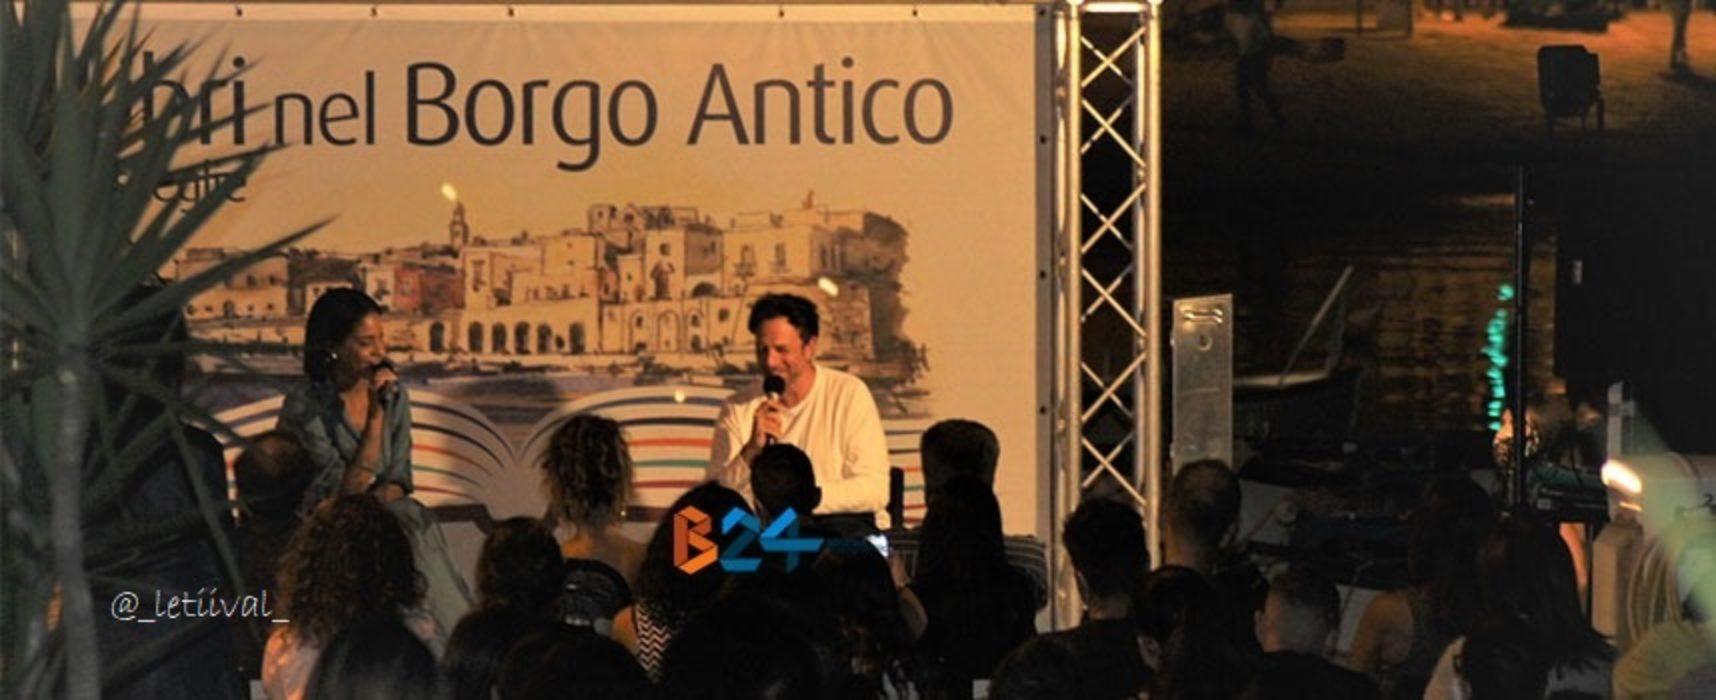 Libri nel Borgo Antico: nella seconda serata del Festival Emiliano, Padellaro, Ghisleri e Nuzzi